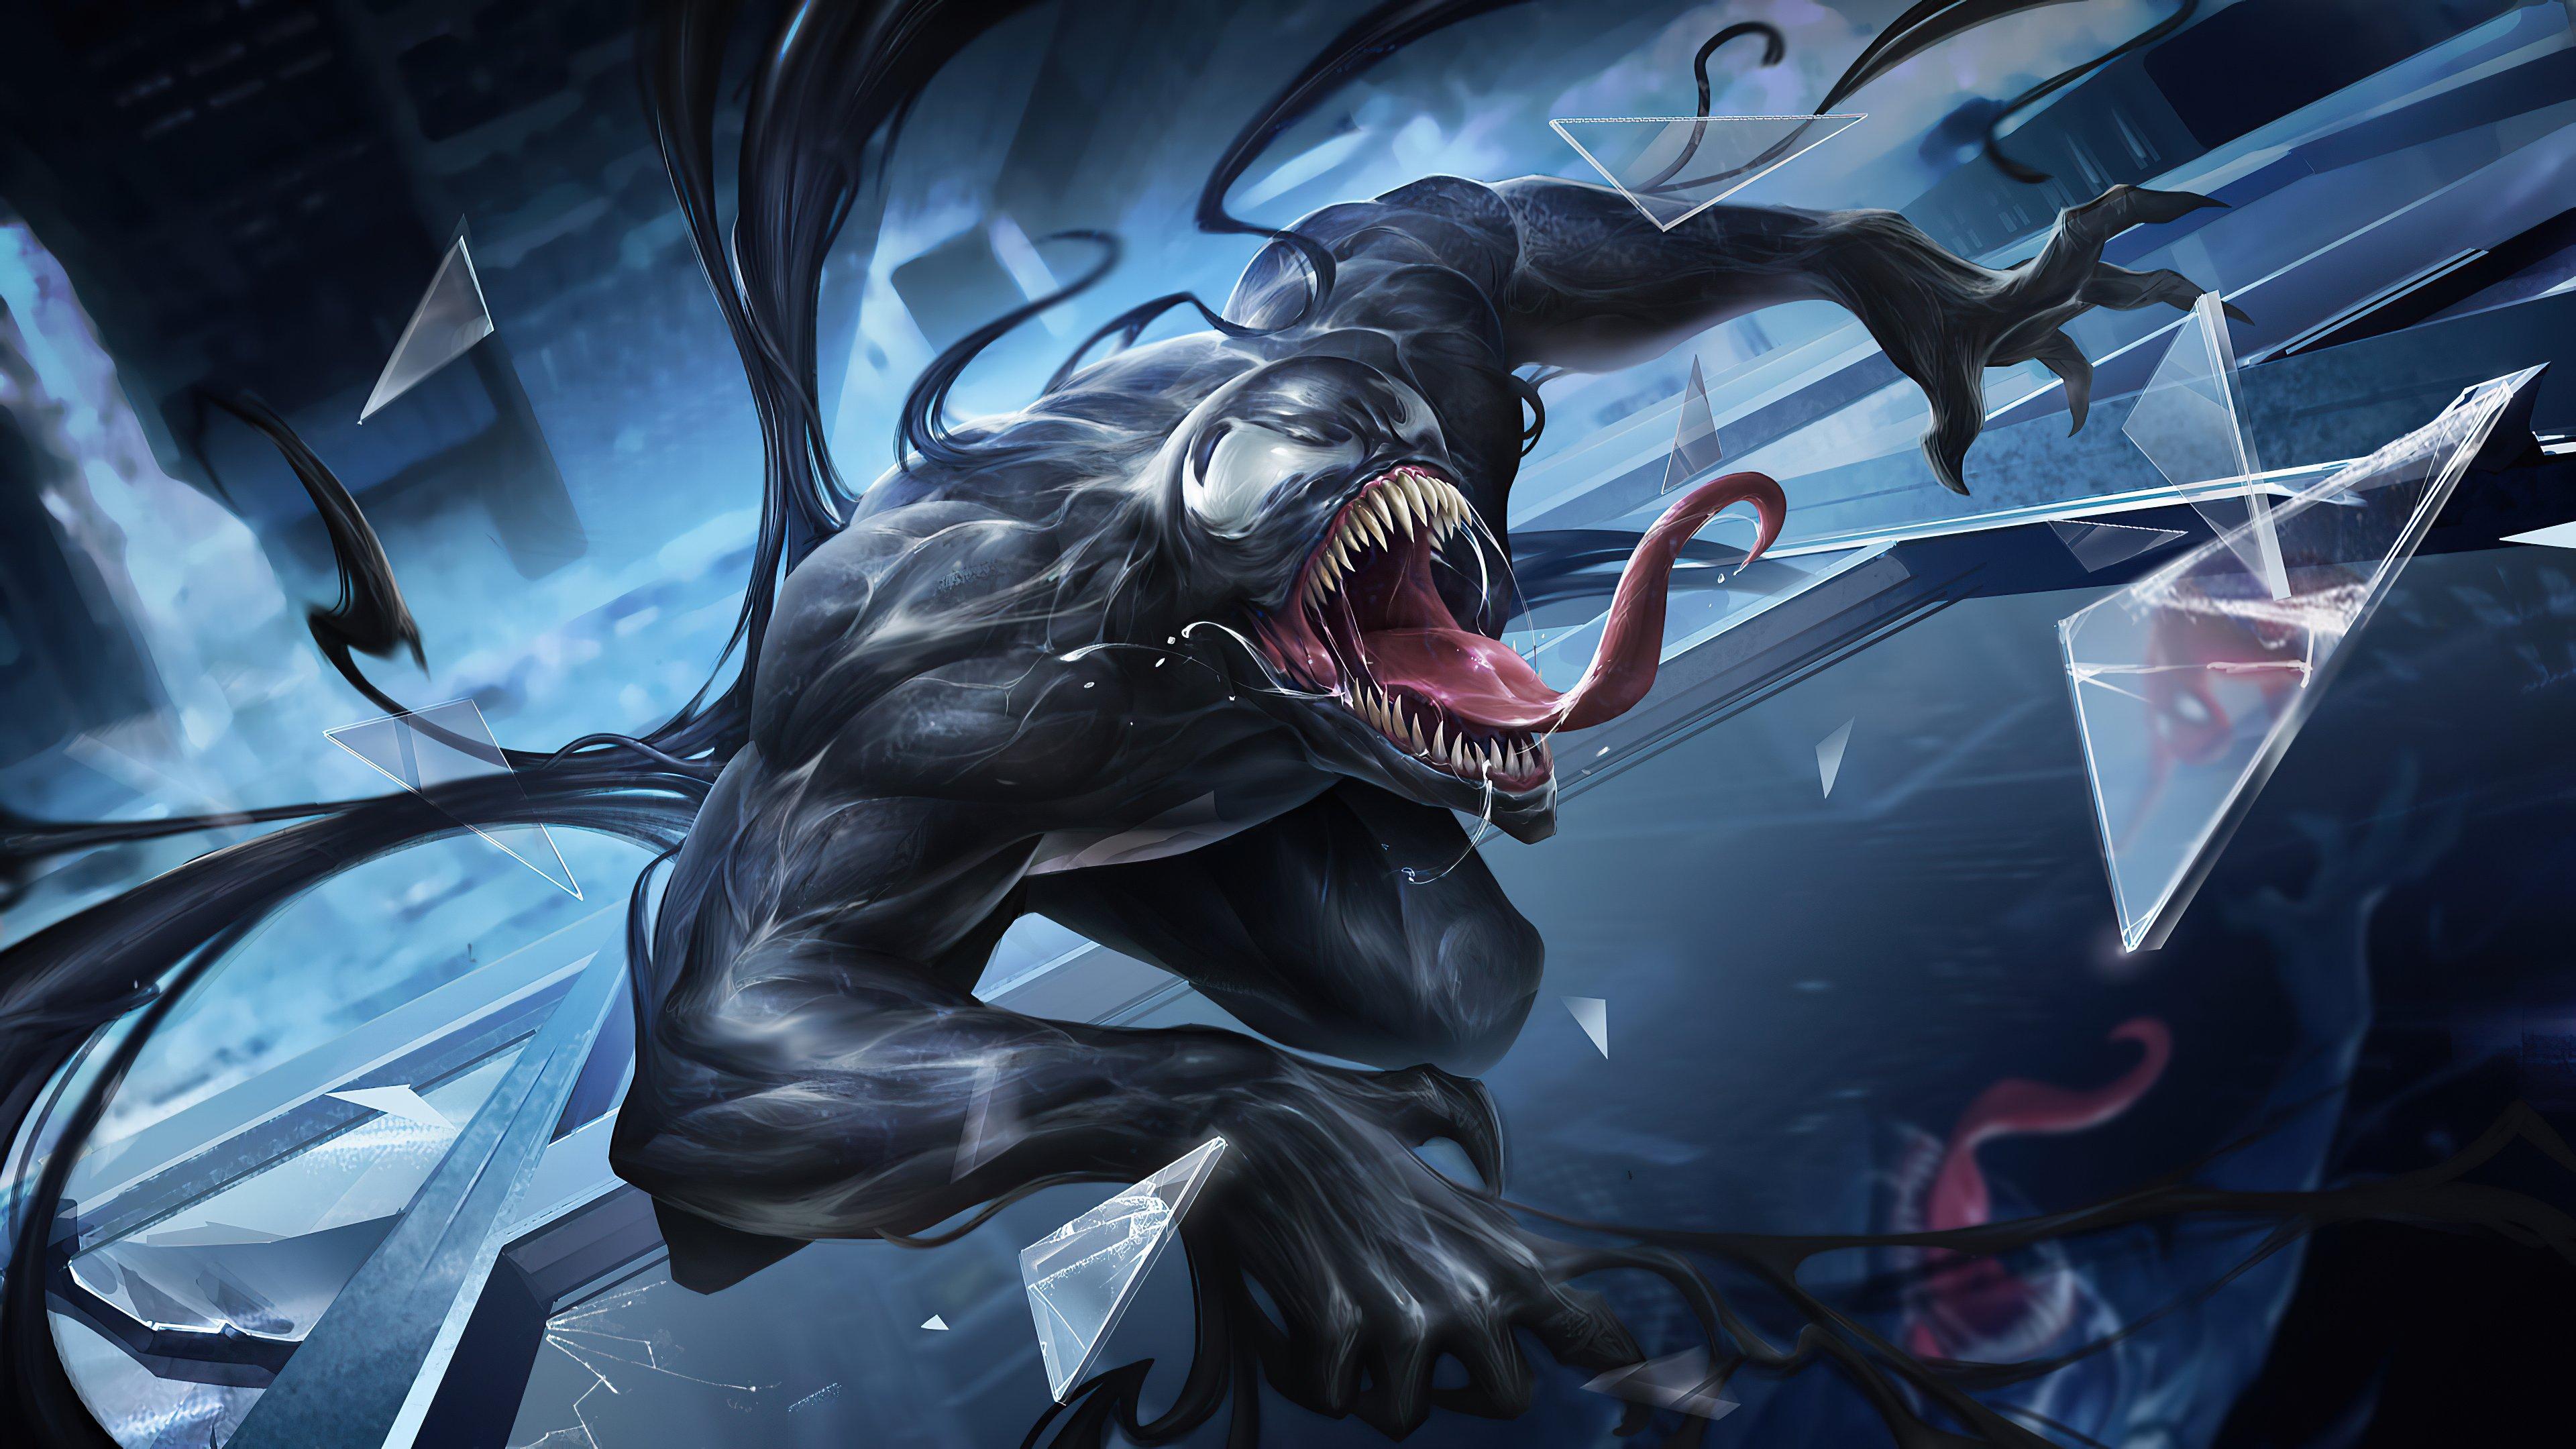 Fondos de pantalla Venom 2020 Artwork